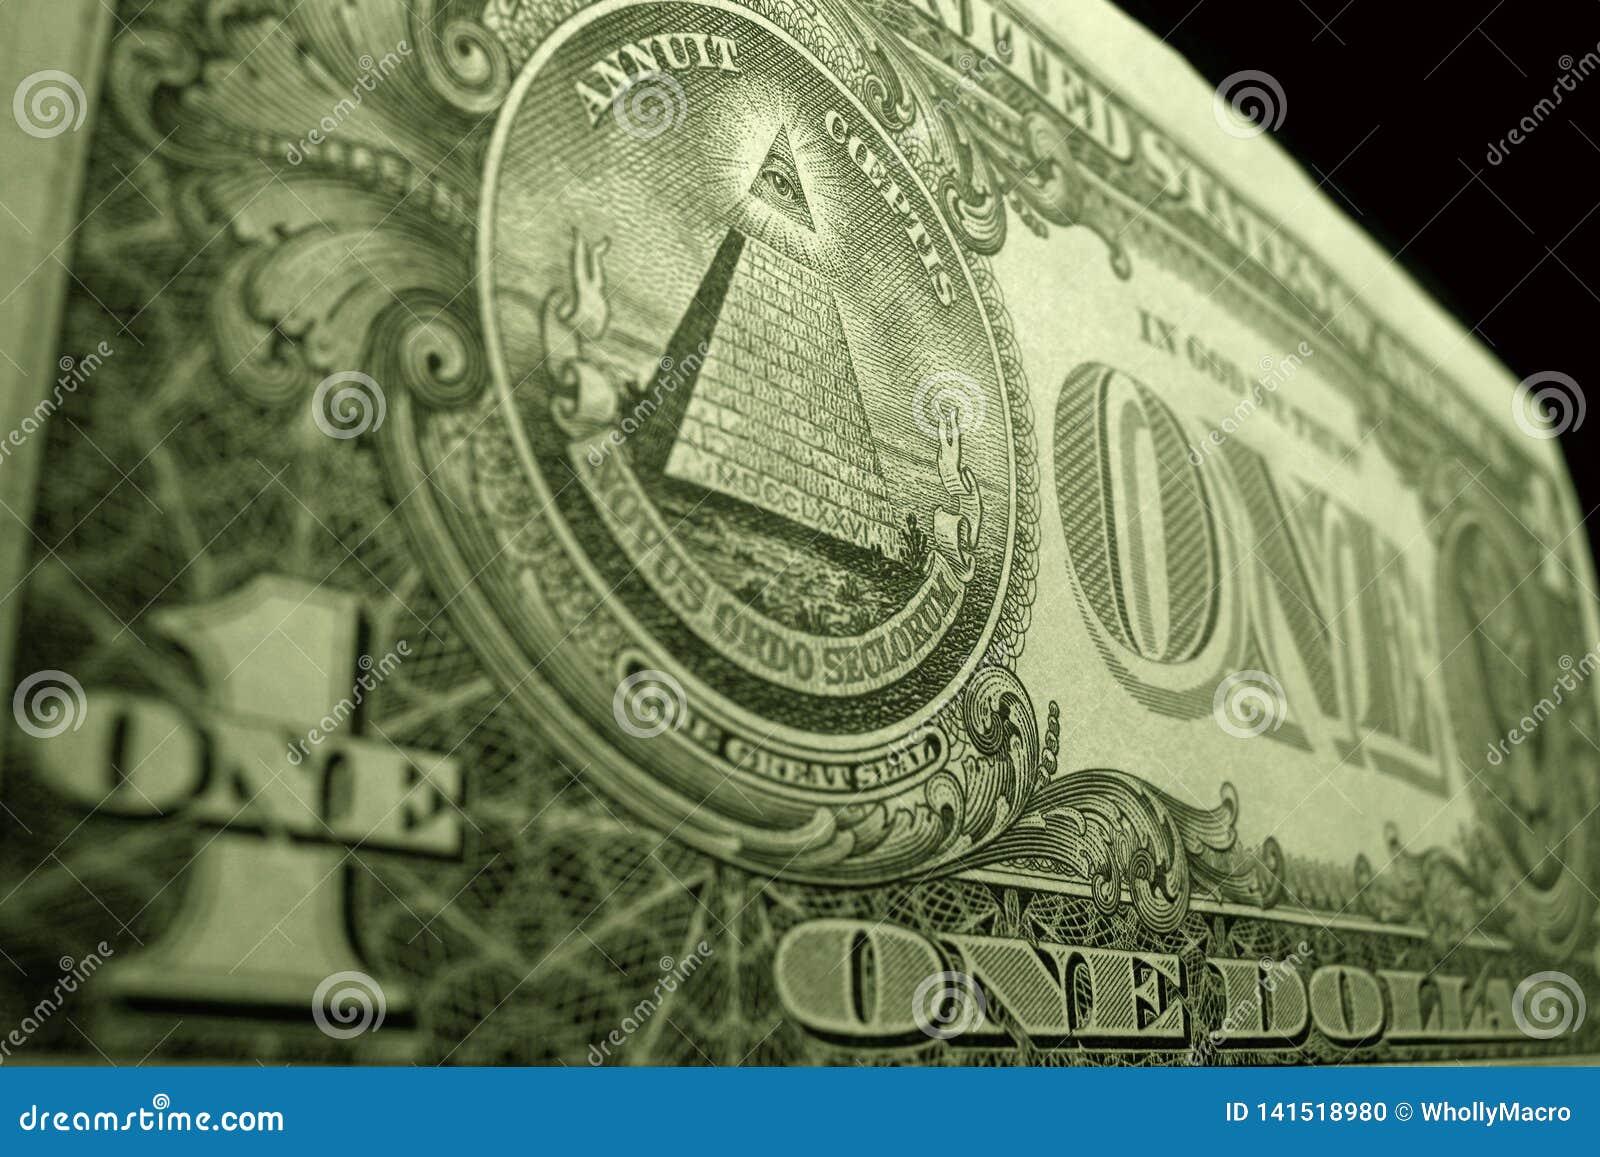 Lage hoek dichte omhooggaand van de Amerikaanse die dollar, op het oog van voorzienigheid, bij de bovenkant van de piramide wordt